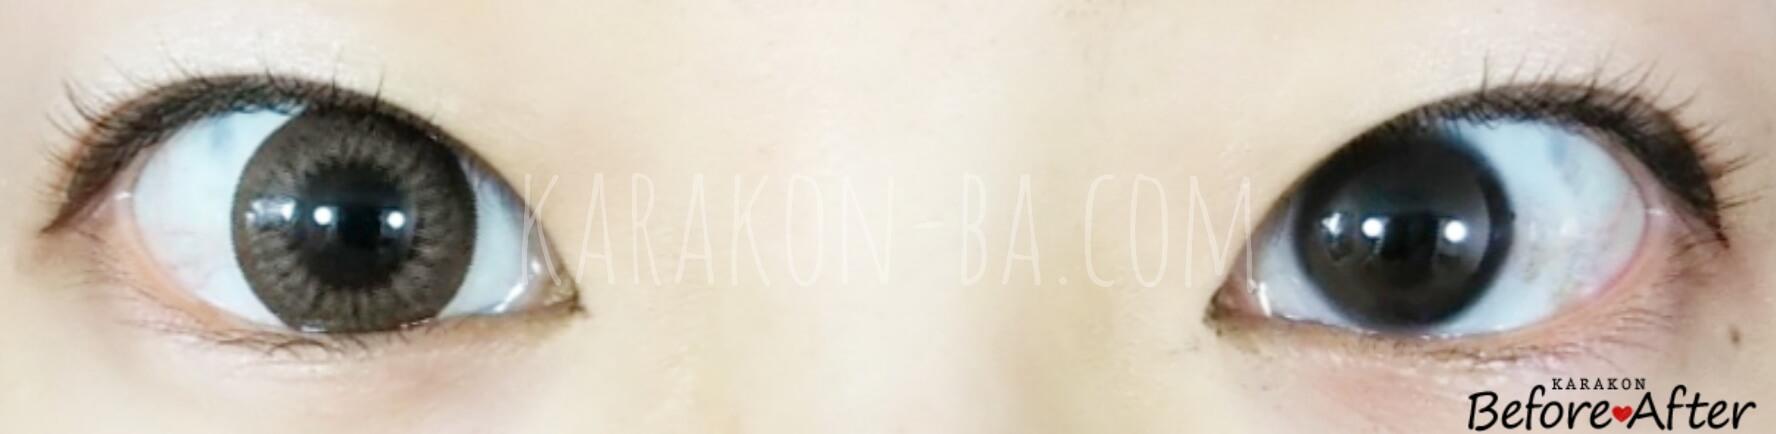 ベビーブラウンのカラコン装着画像/裸眼と比較